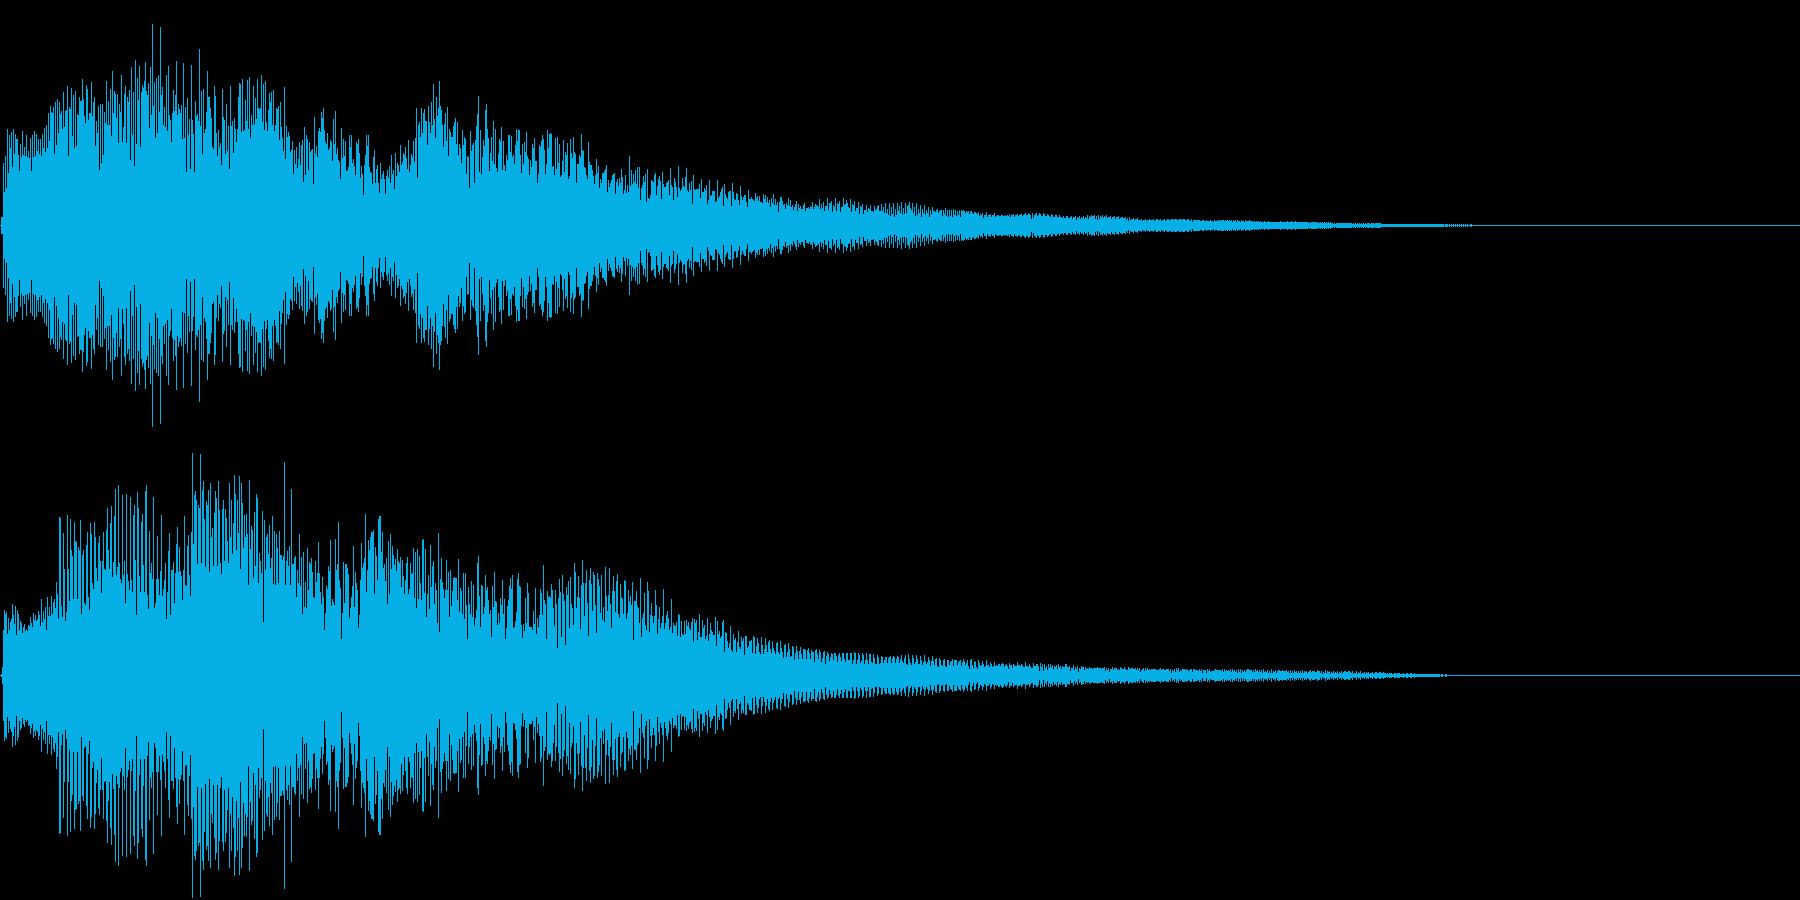 ウインドベルのようなピアノの調べの再生済みの波形